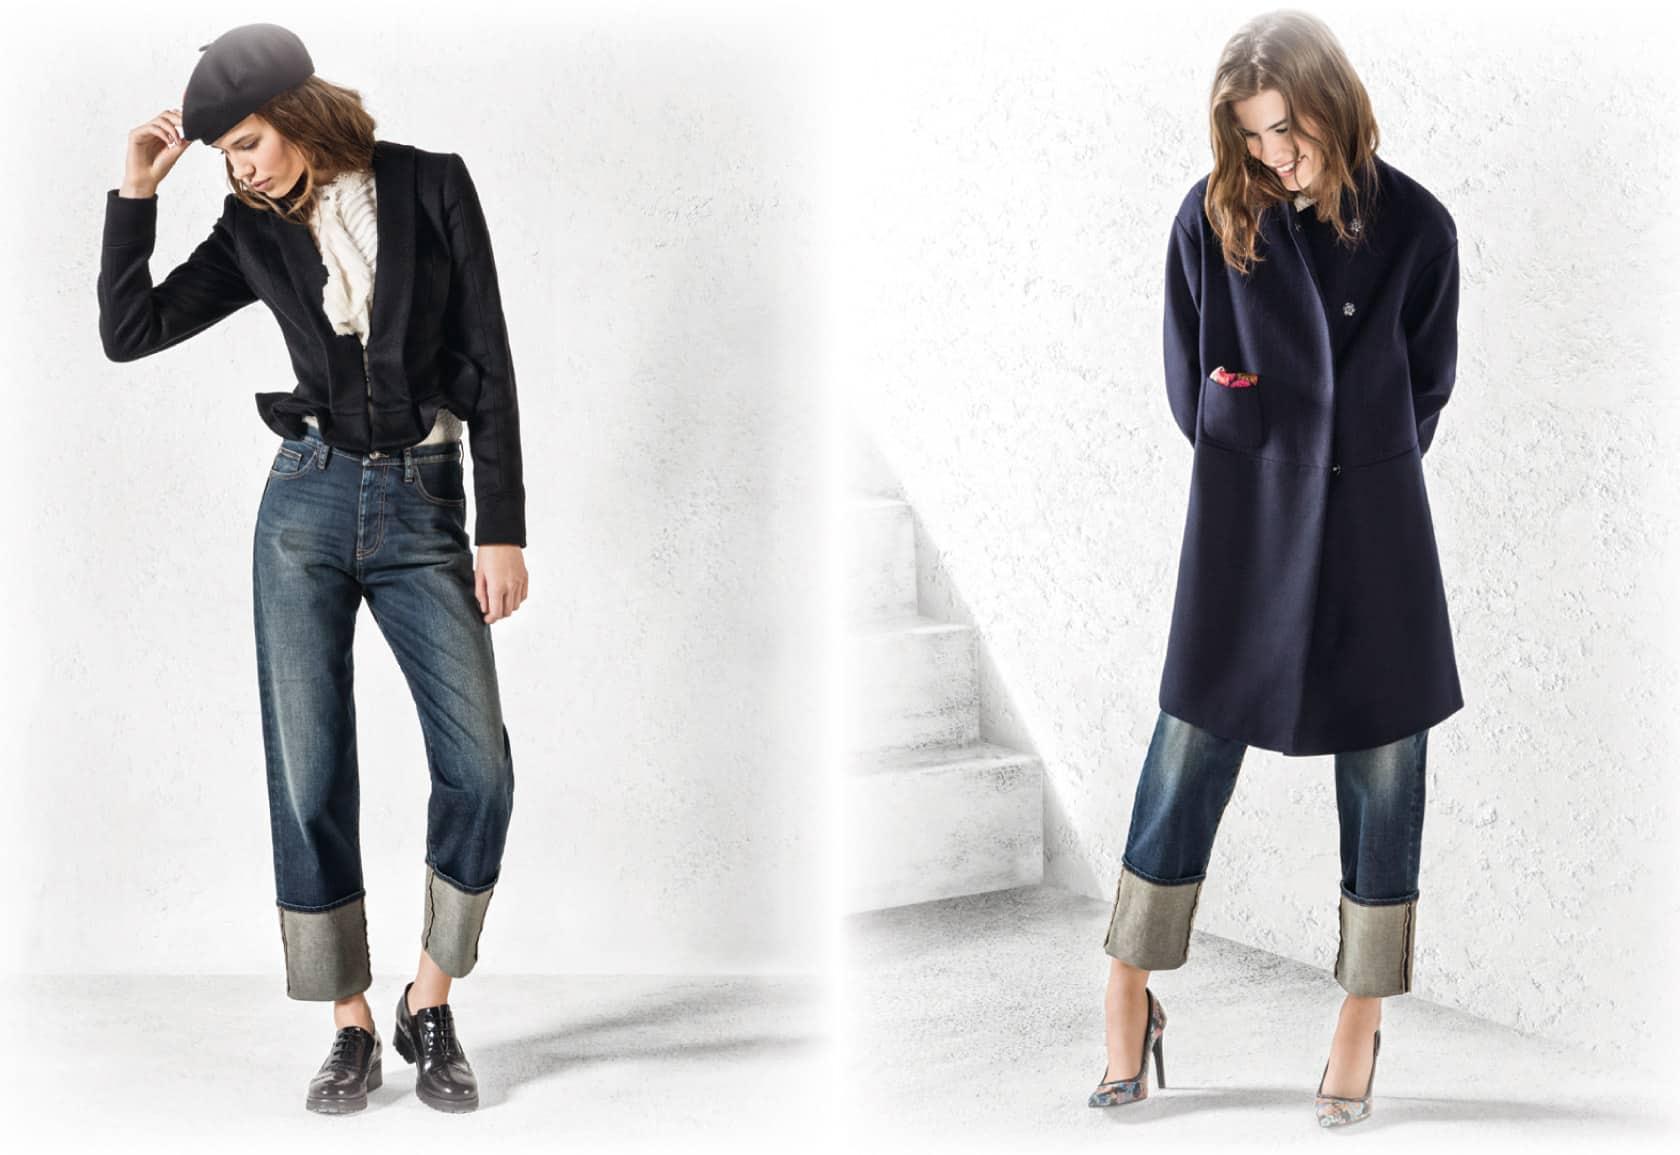 4_Collezione Armani Jeans